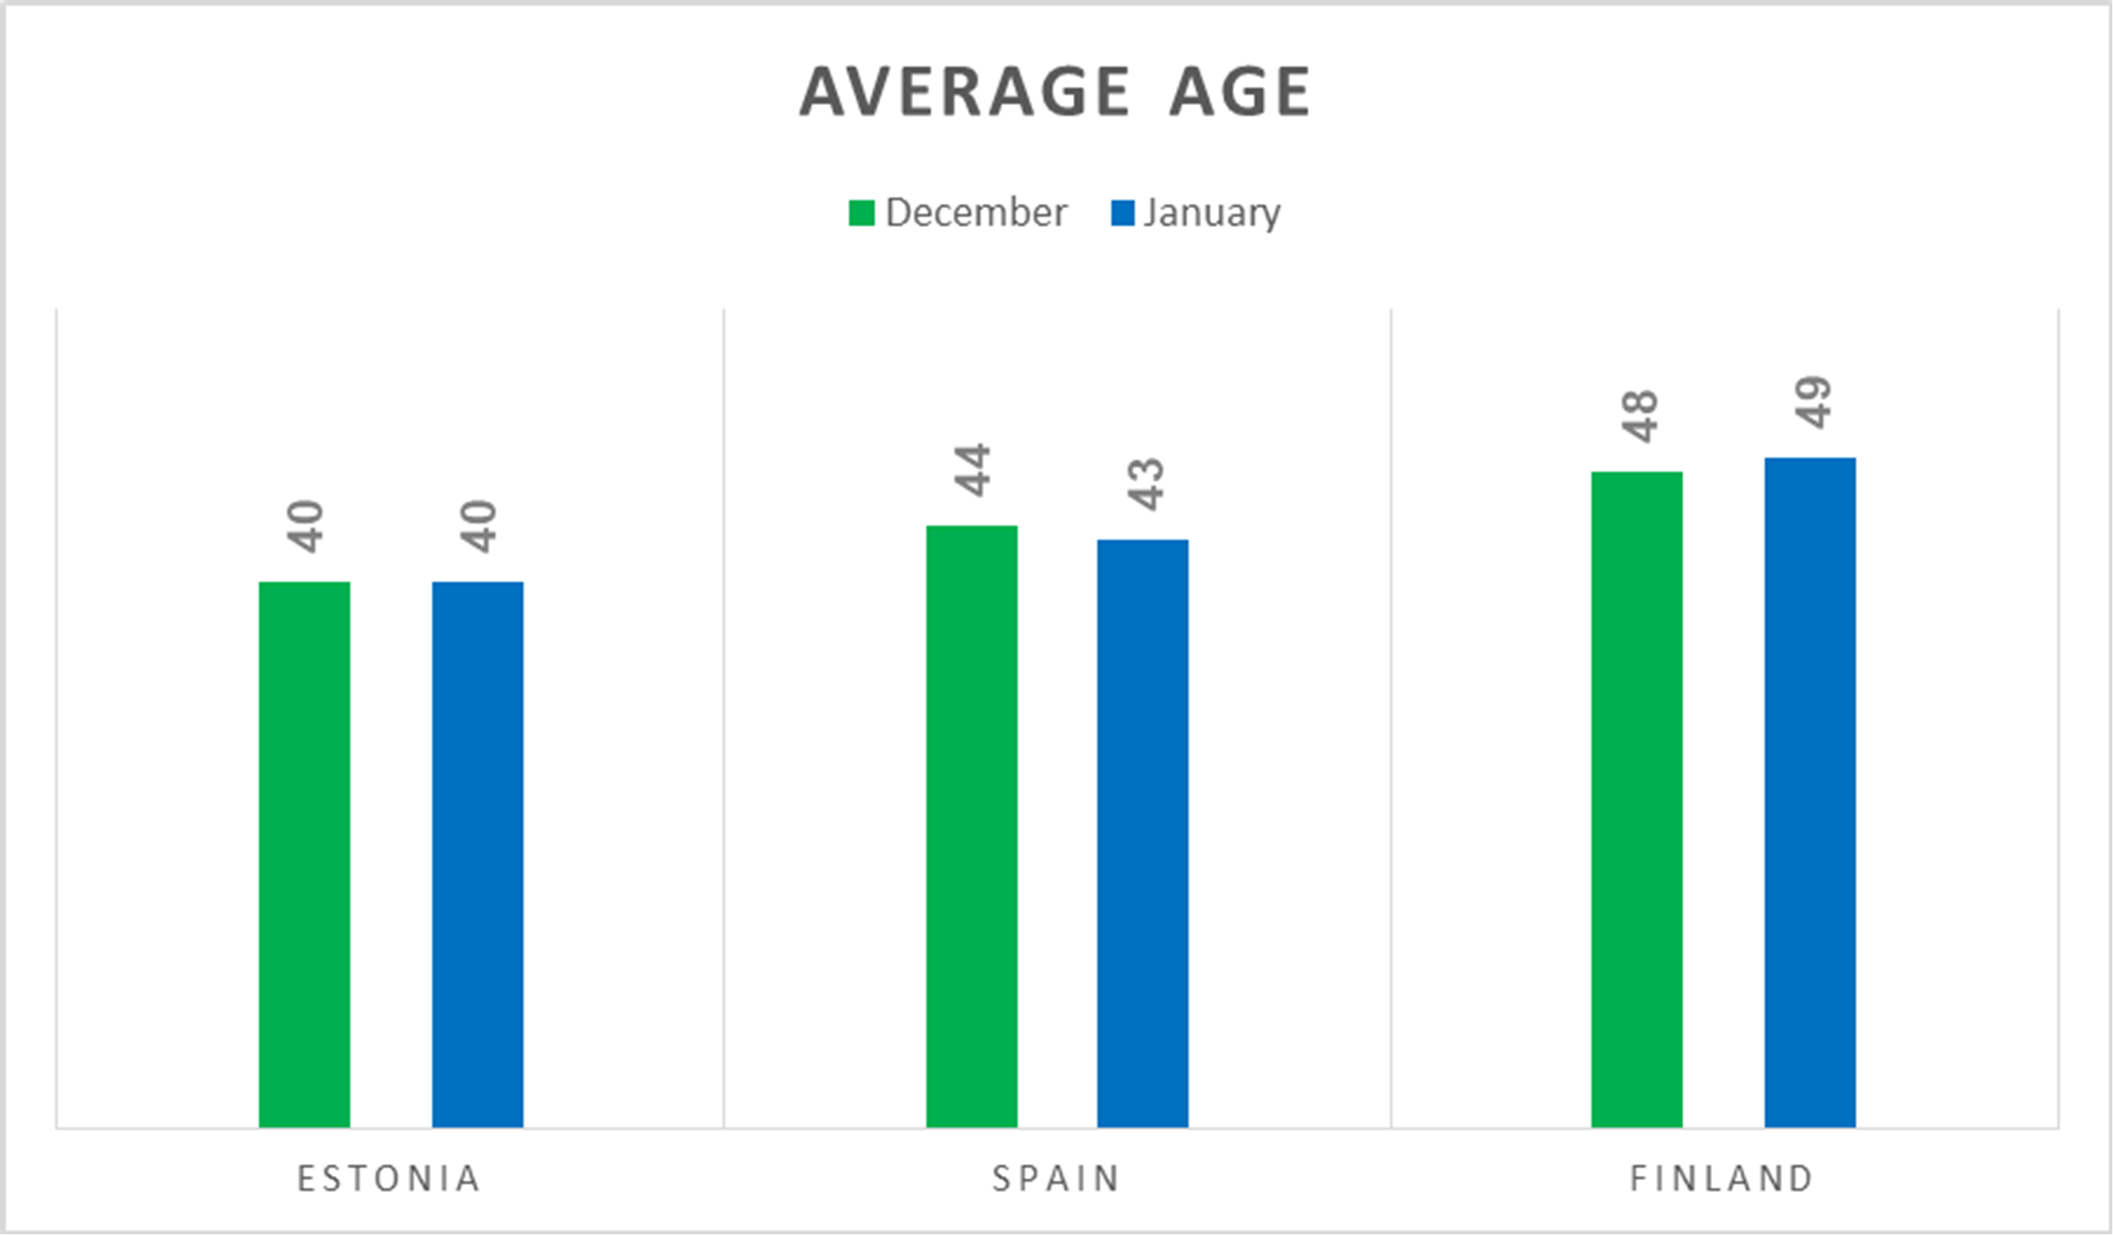 avg-age-january-2018